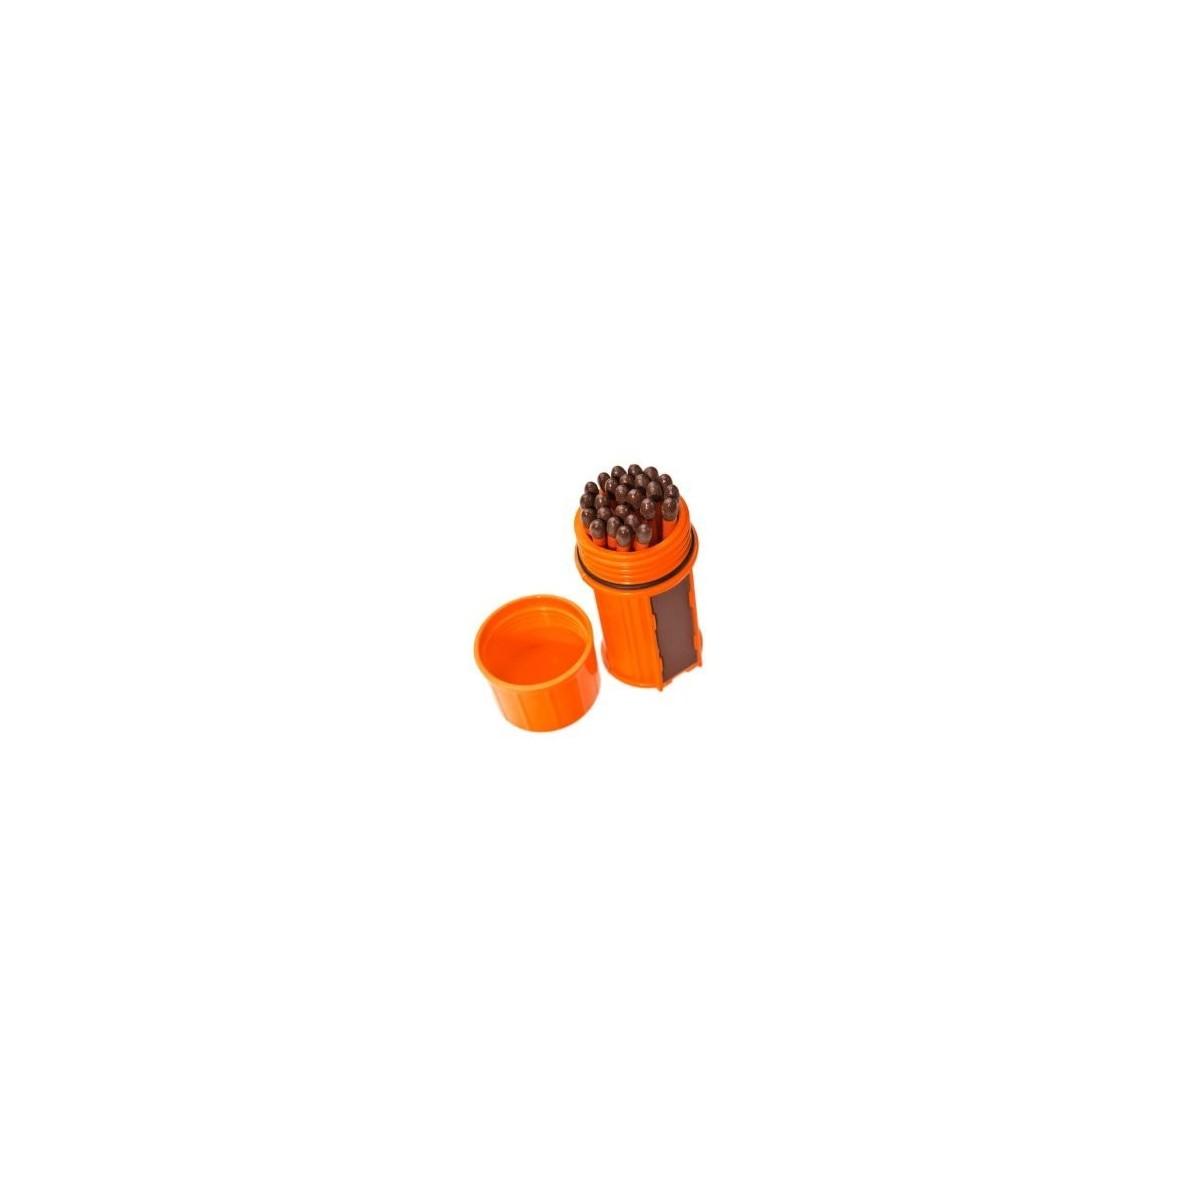 ไม้ขีดไฟกันน้ำกันลม UCO Stormproof Match Kit (Orange)